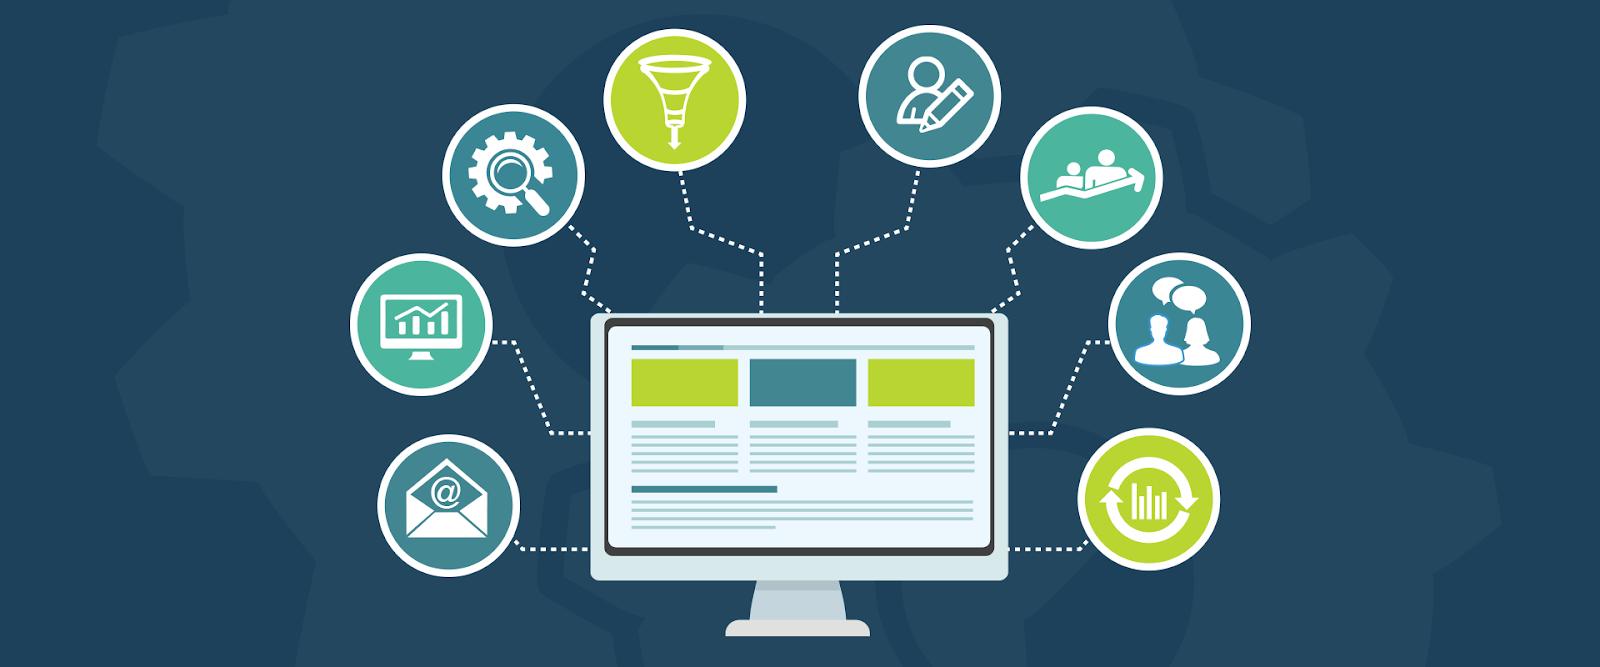 On Digitals đơn vị cung cấp dịch vụ seo tổng thể uy tín tại nước ta